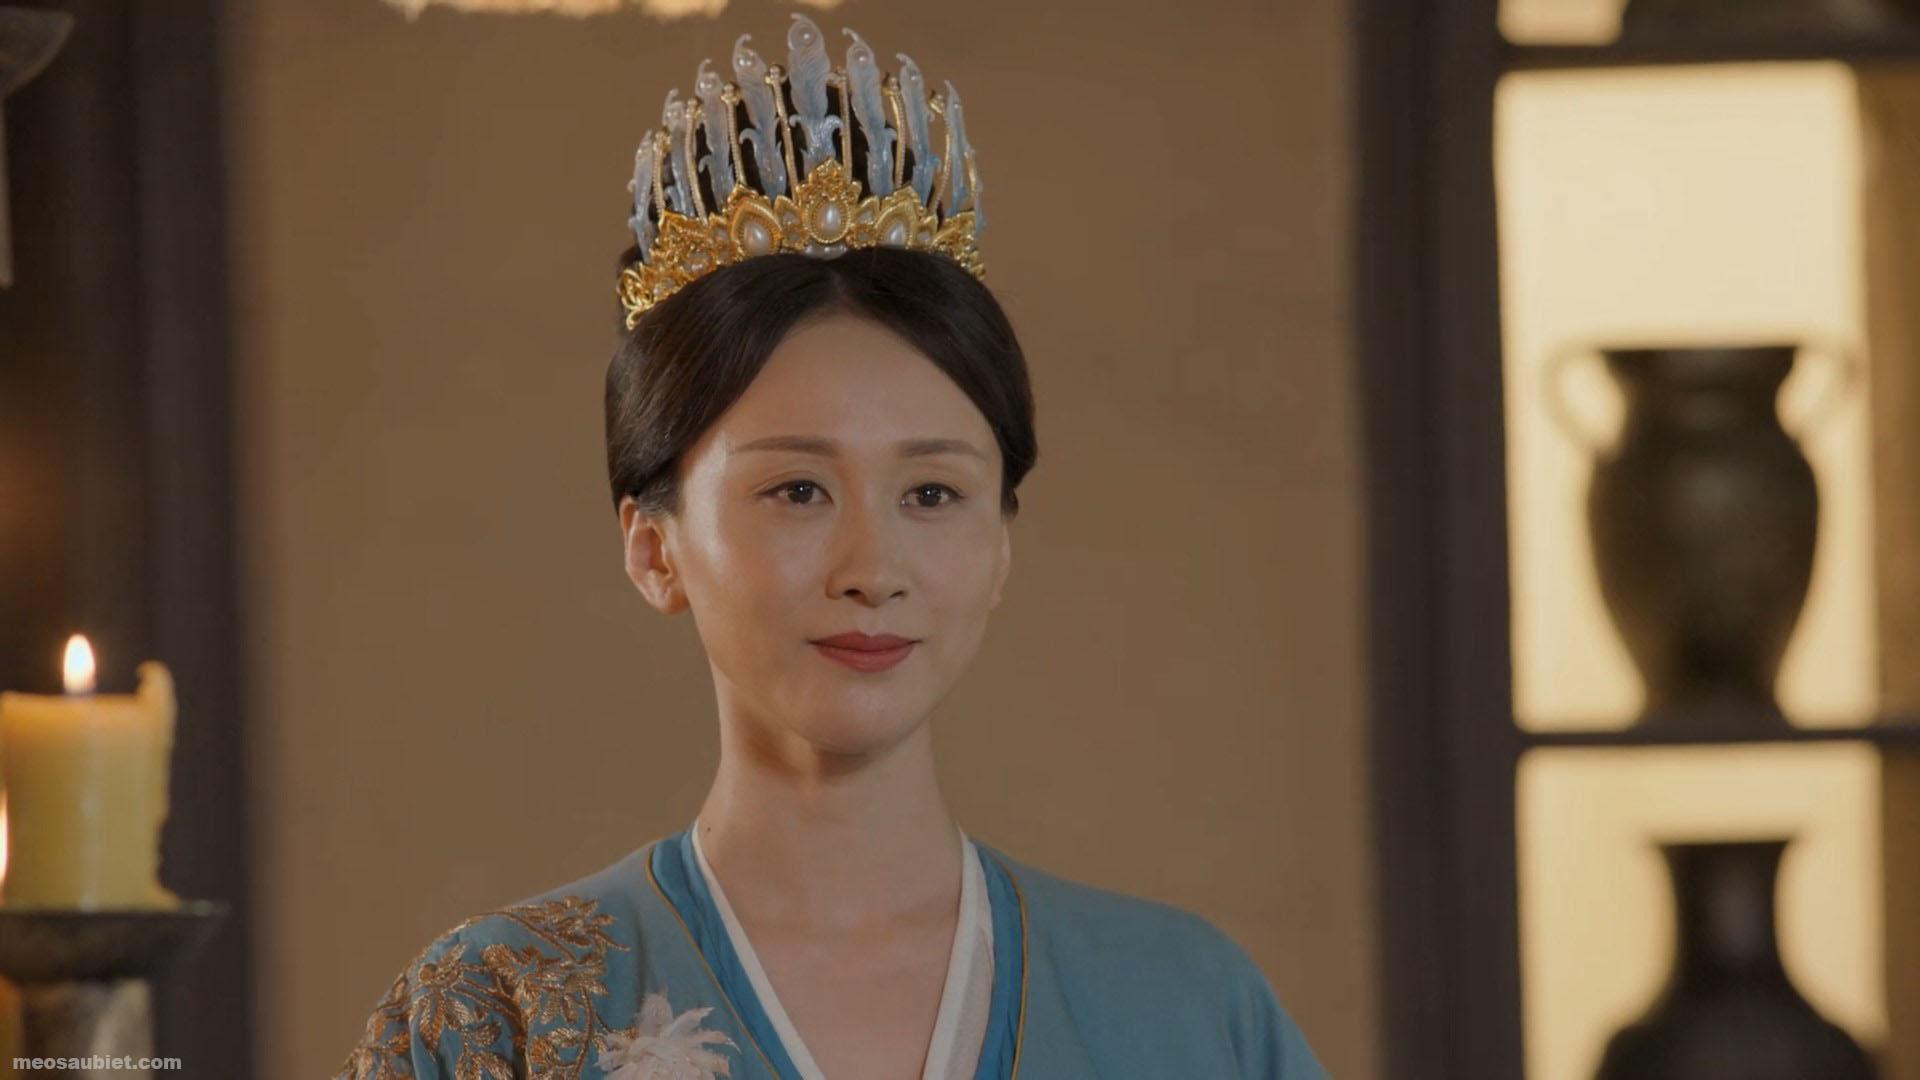 Tương Dạ 2020 Luyện Luyện trong vai Hạ Thiên , hoàng hậu Đường quốc